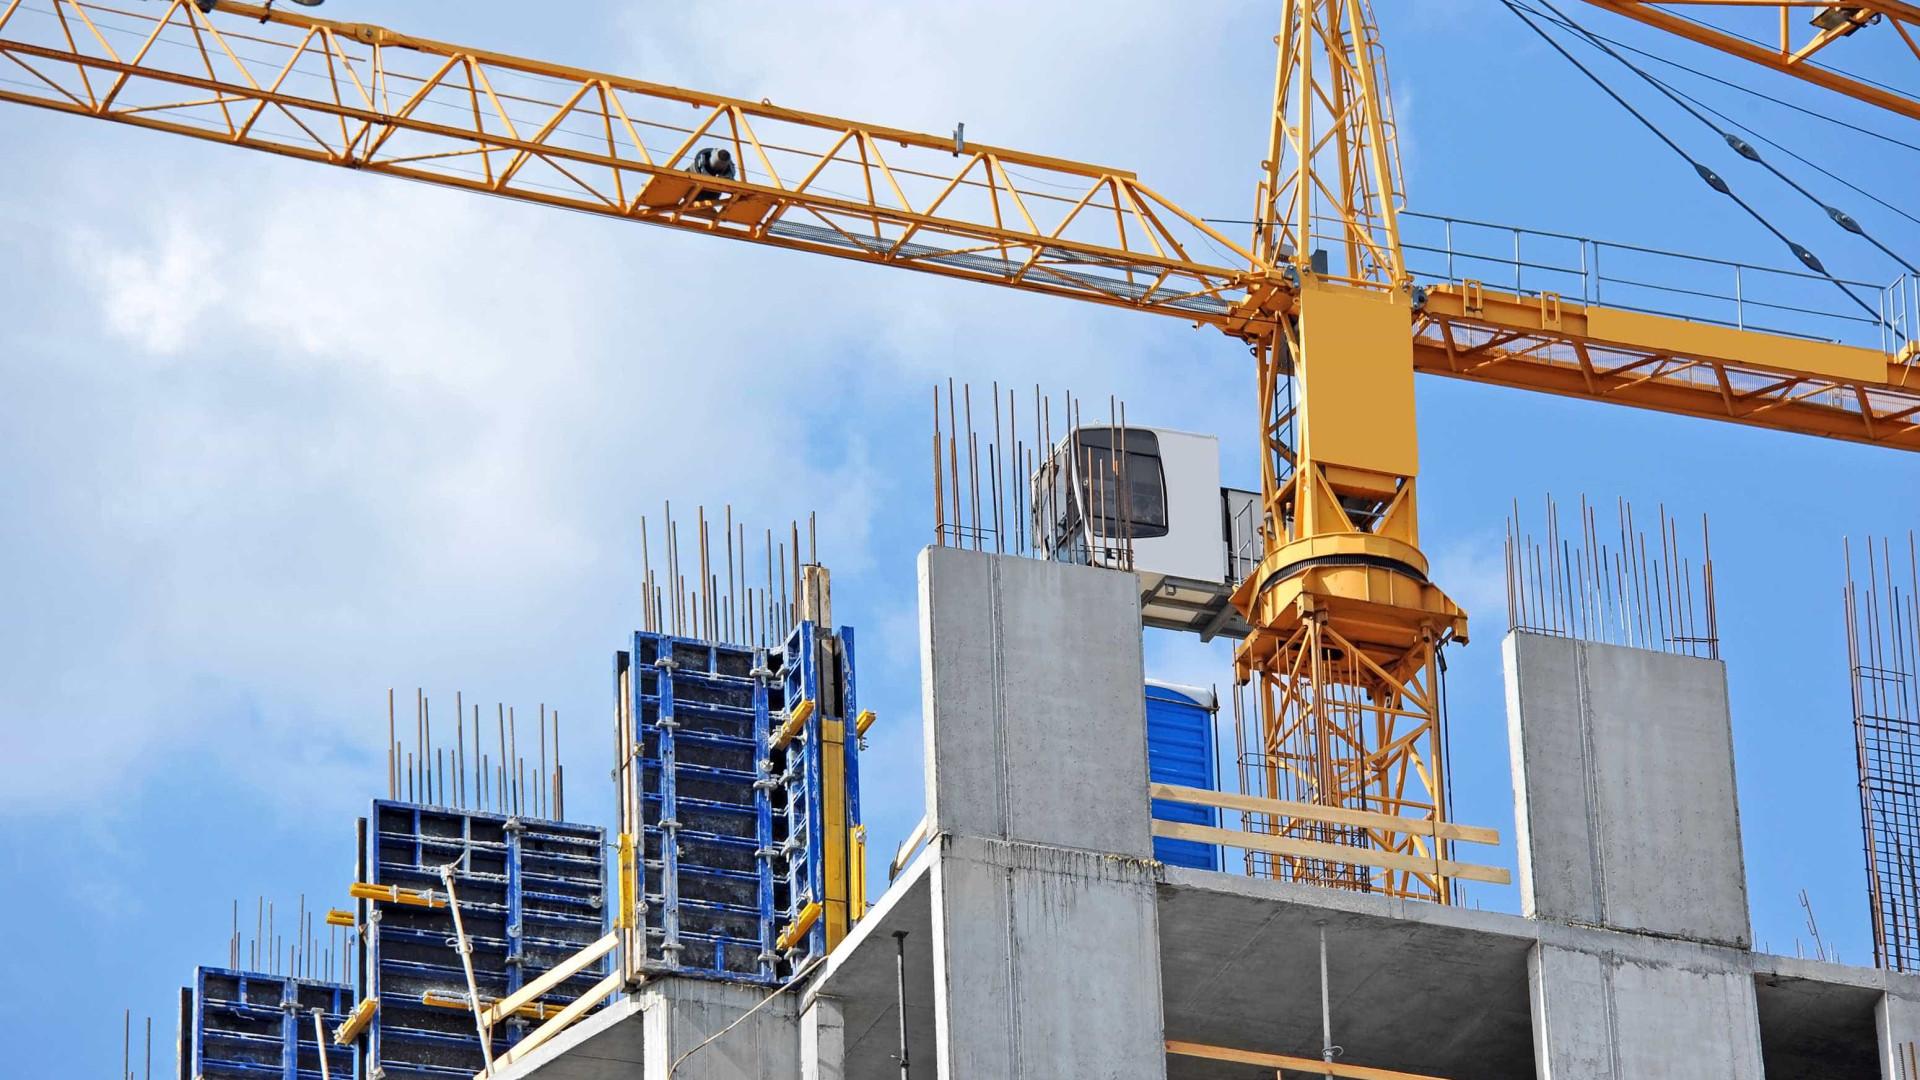 Produção no setor da construção aumenta 3,2% na zona euro